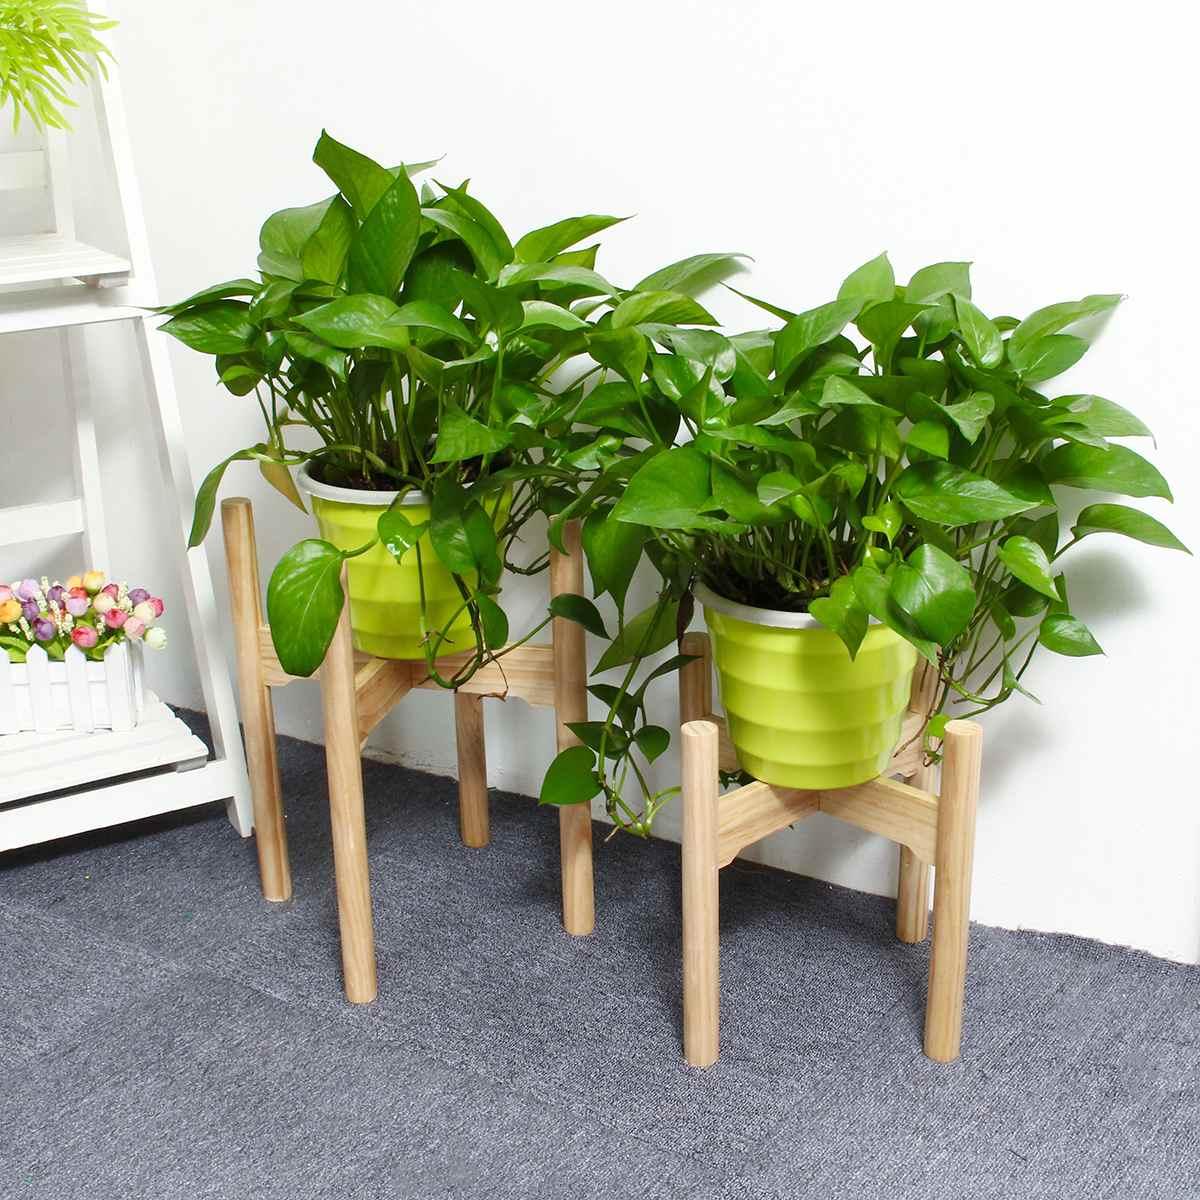 أثاث جديد مصنع رفوف زهرة حديقة نبات خشبي حامل زهرة وعاء حديقة حامل رفوف زهرة عرض رف خشبي تخزين الرف